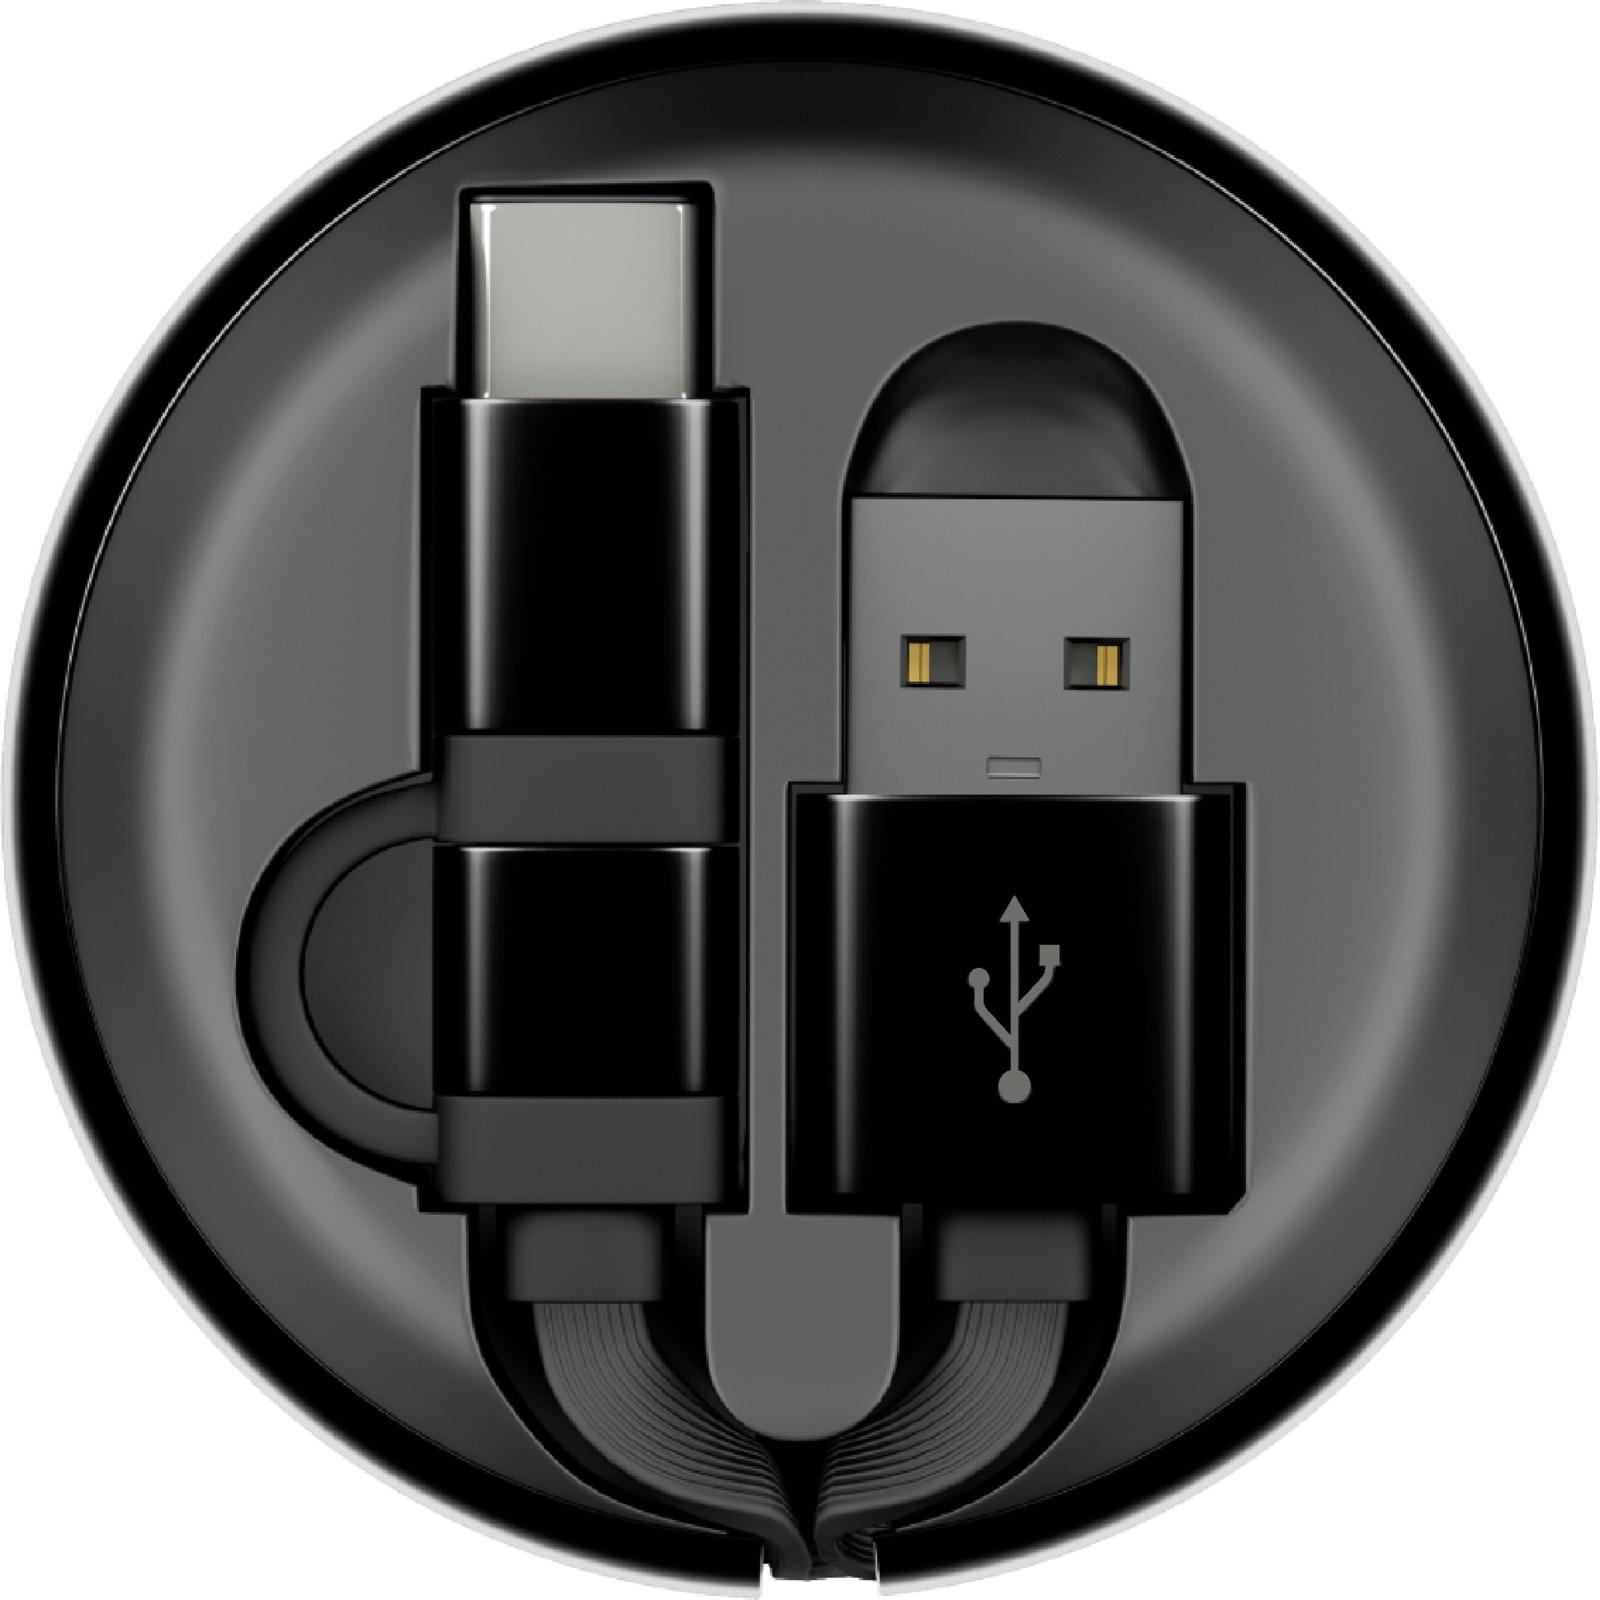 цена на Кабель-рулетка Interstep MicroUSB + TypeC USB 2.0, 65575, черный, 1 м